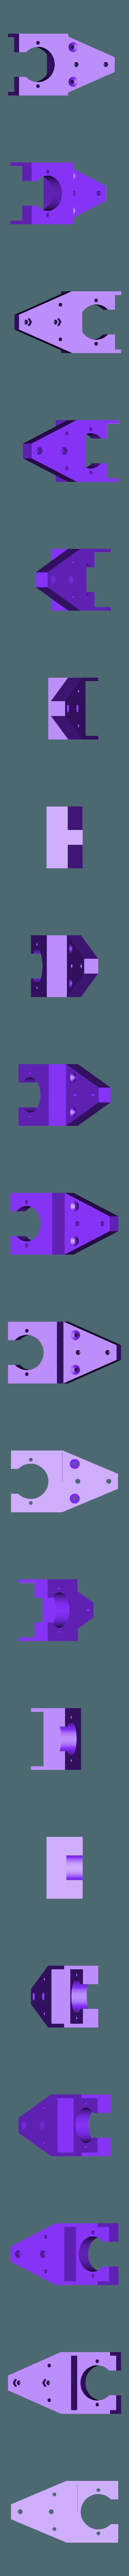 selector_v41_selector_v41_motor_mount_1_1_Body1_motor_mount_1.stl Télécharger fichier STL gratuit Plasma Cutter plotter CNC • Modèle à imprimer en 3D, TinkersProjects